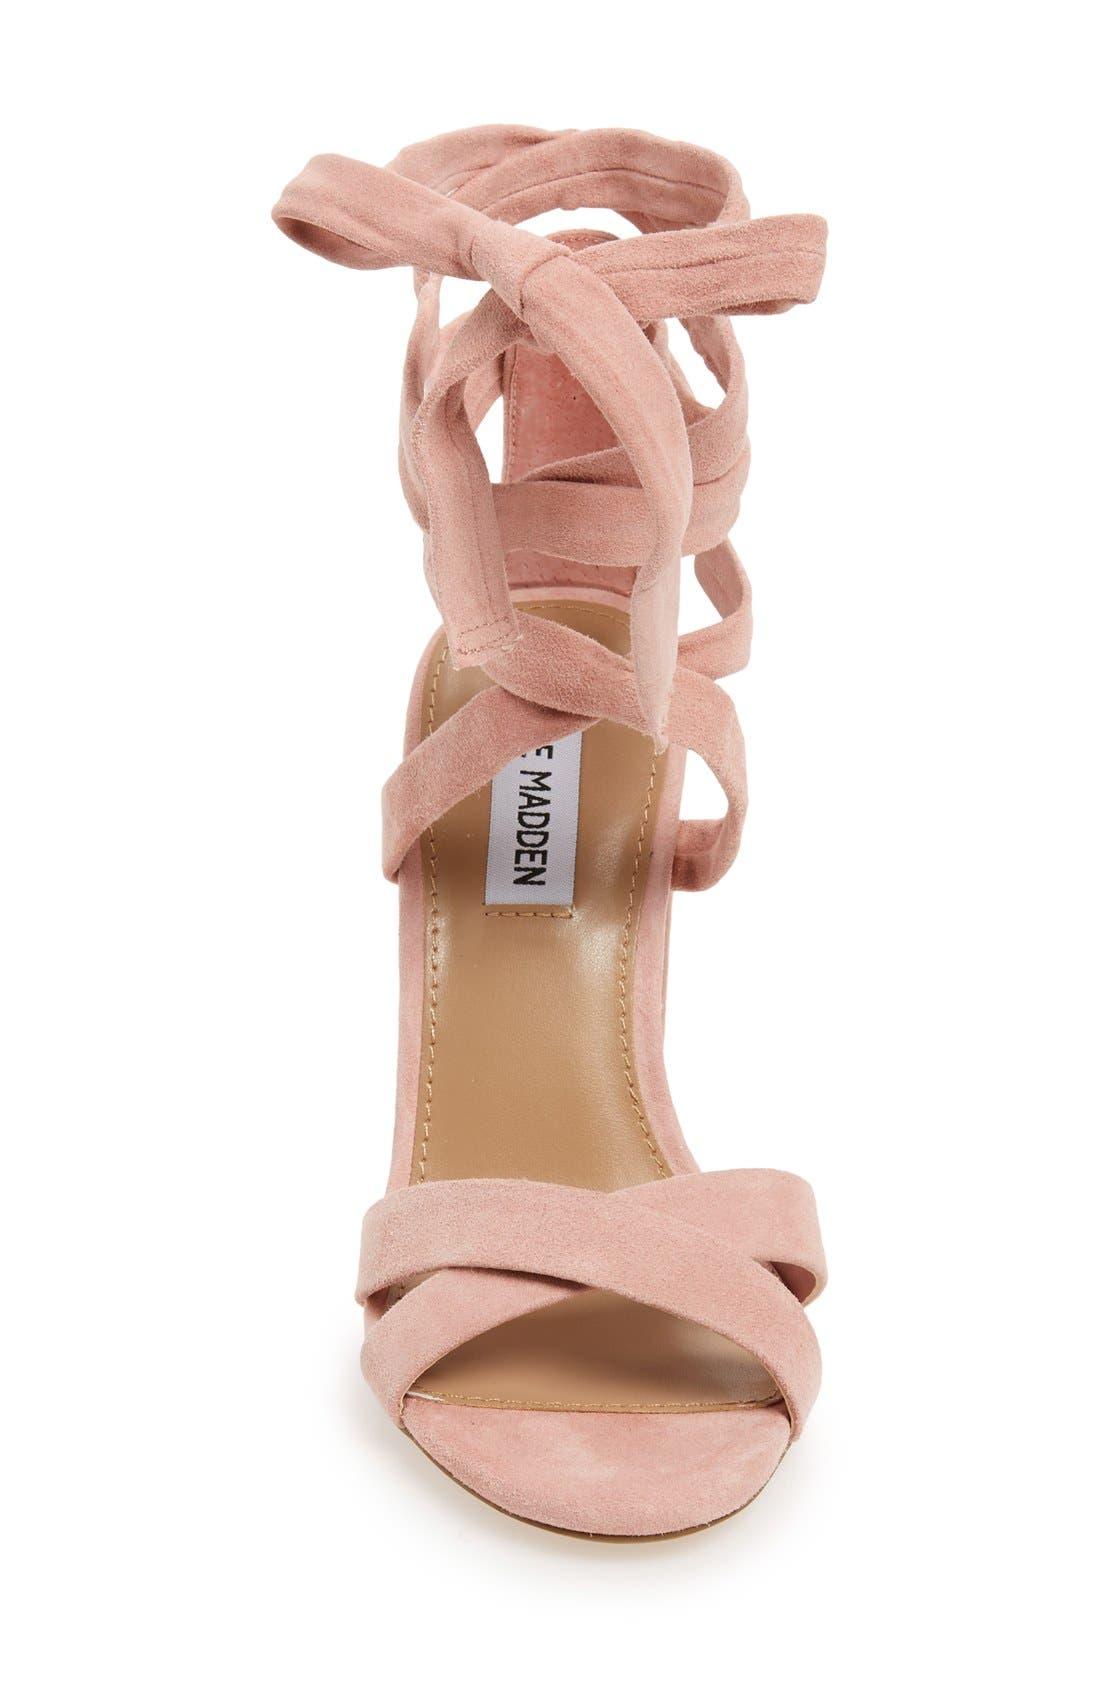 STEVE MADDEN, 'Christey' Wraparound Ankle Tie Sandal, Alternate thumbnail 3, color, 650